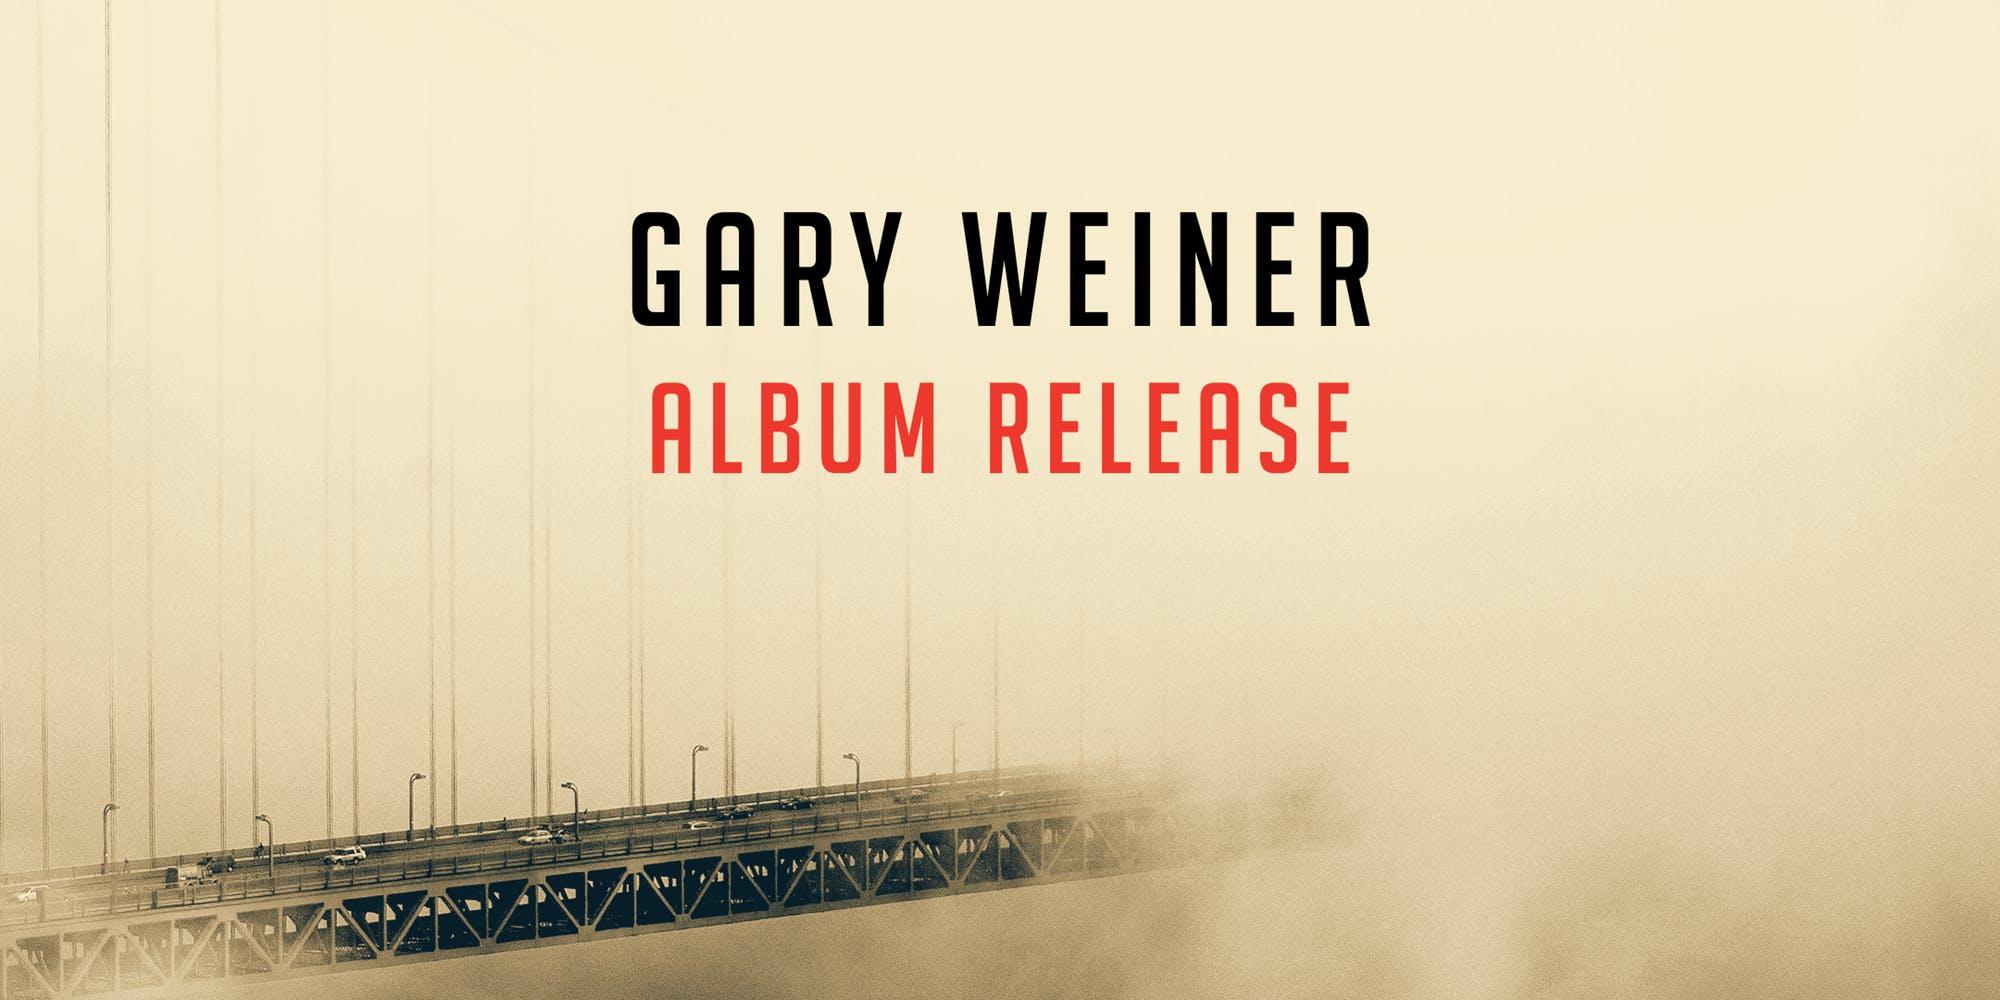 Gary-Weiner-Album-Release-Oakland.jpg